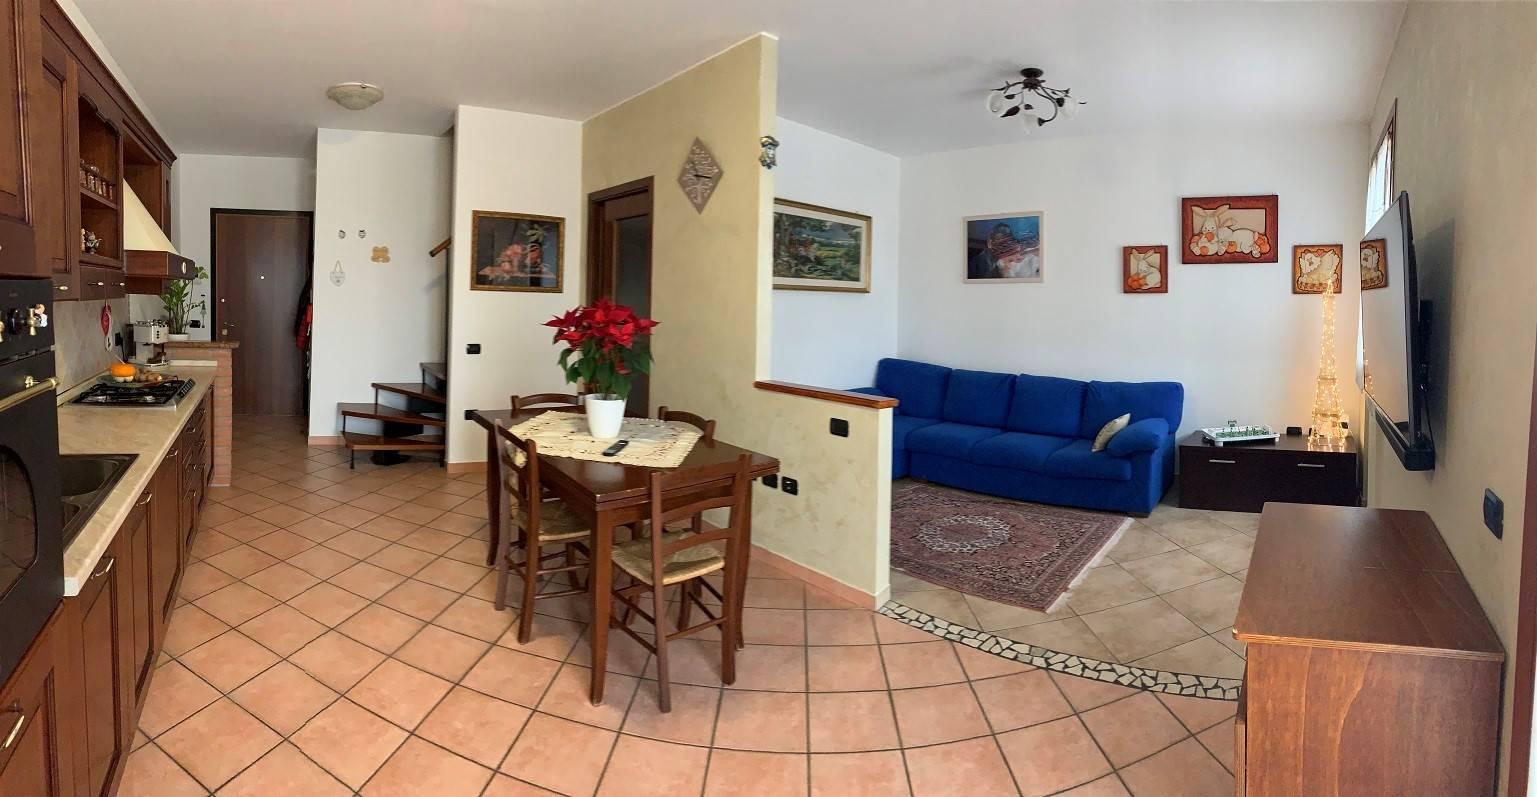 Appartamento in vendita a Castel d'Ario, 4 locali, zona Zona: Centro Urbano, prezzo € 110.000 | CambioCasa.it